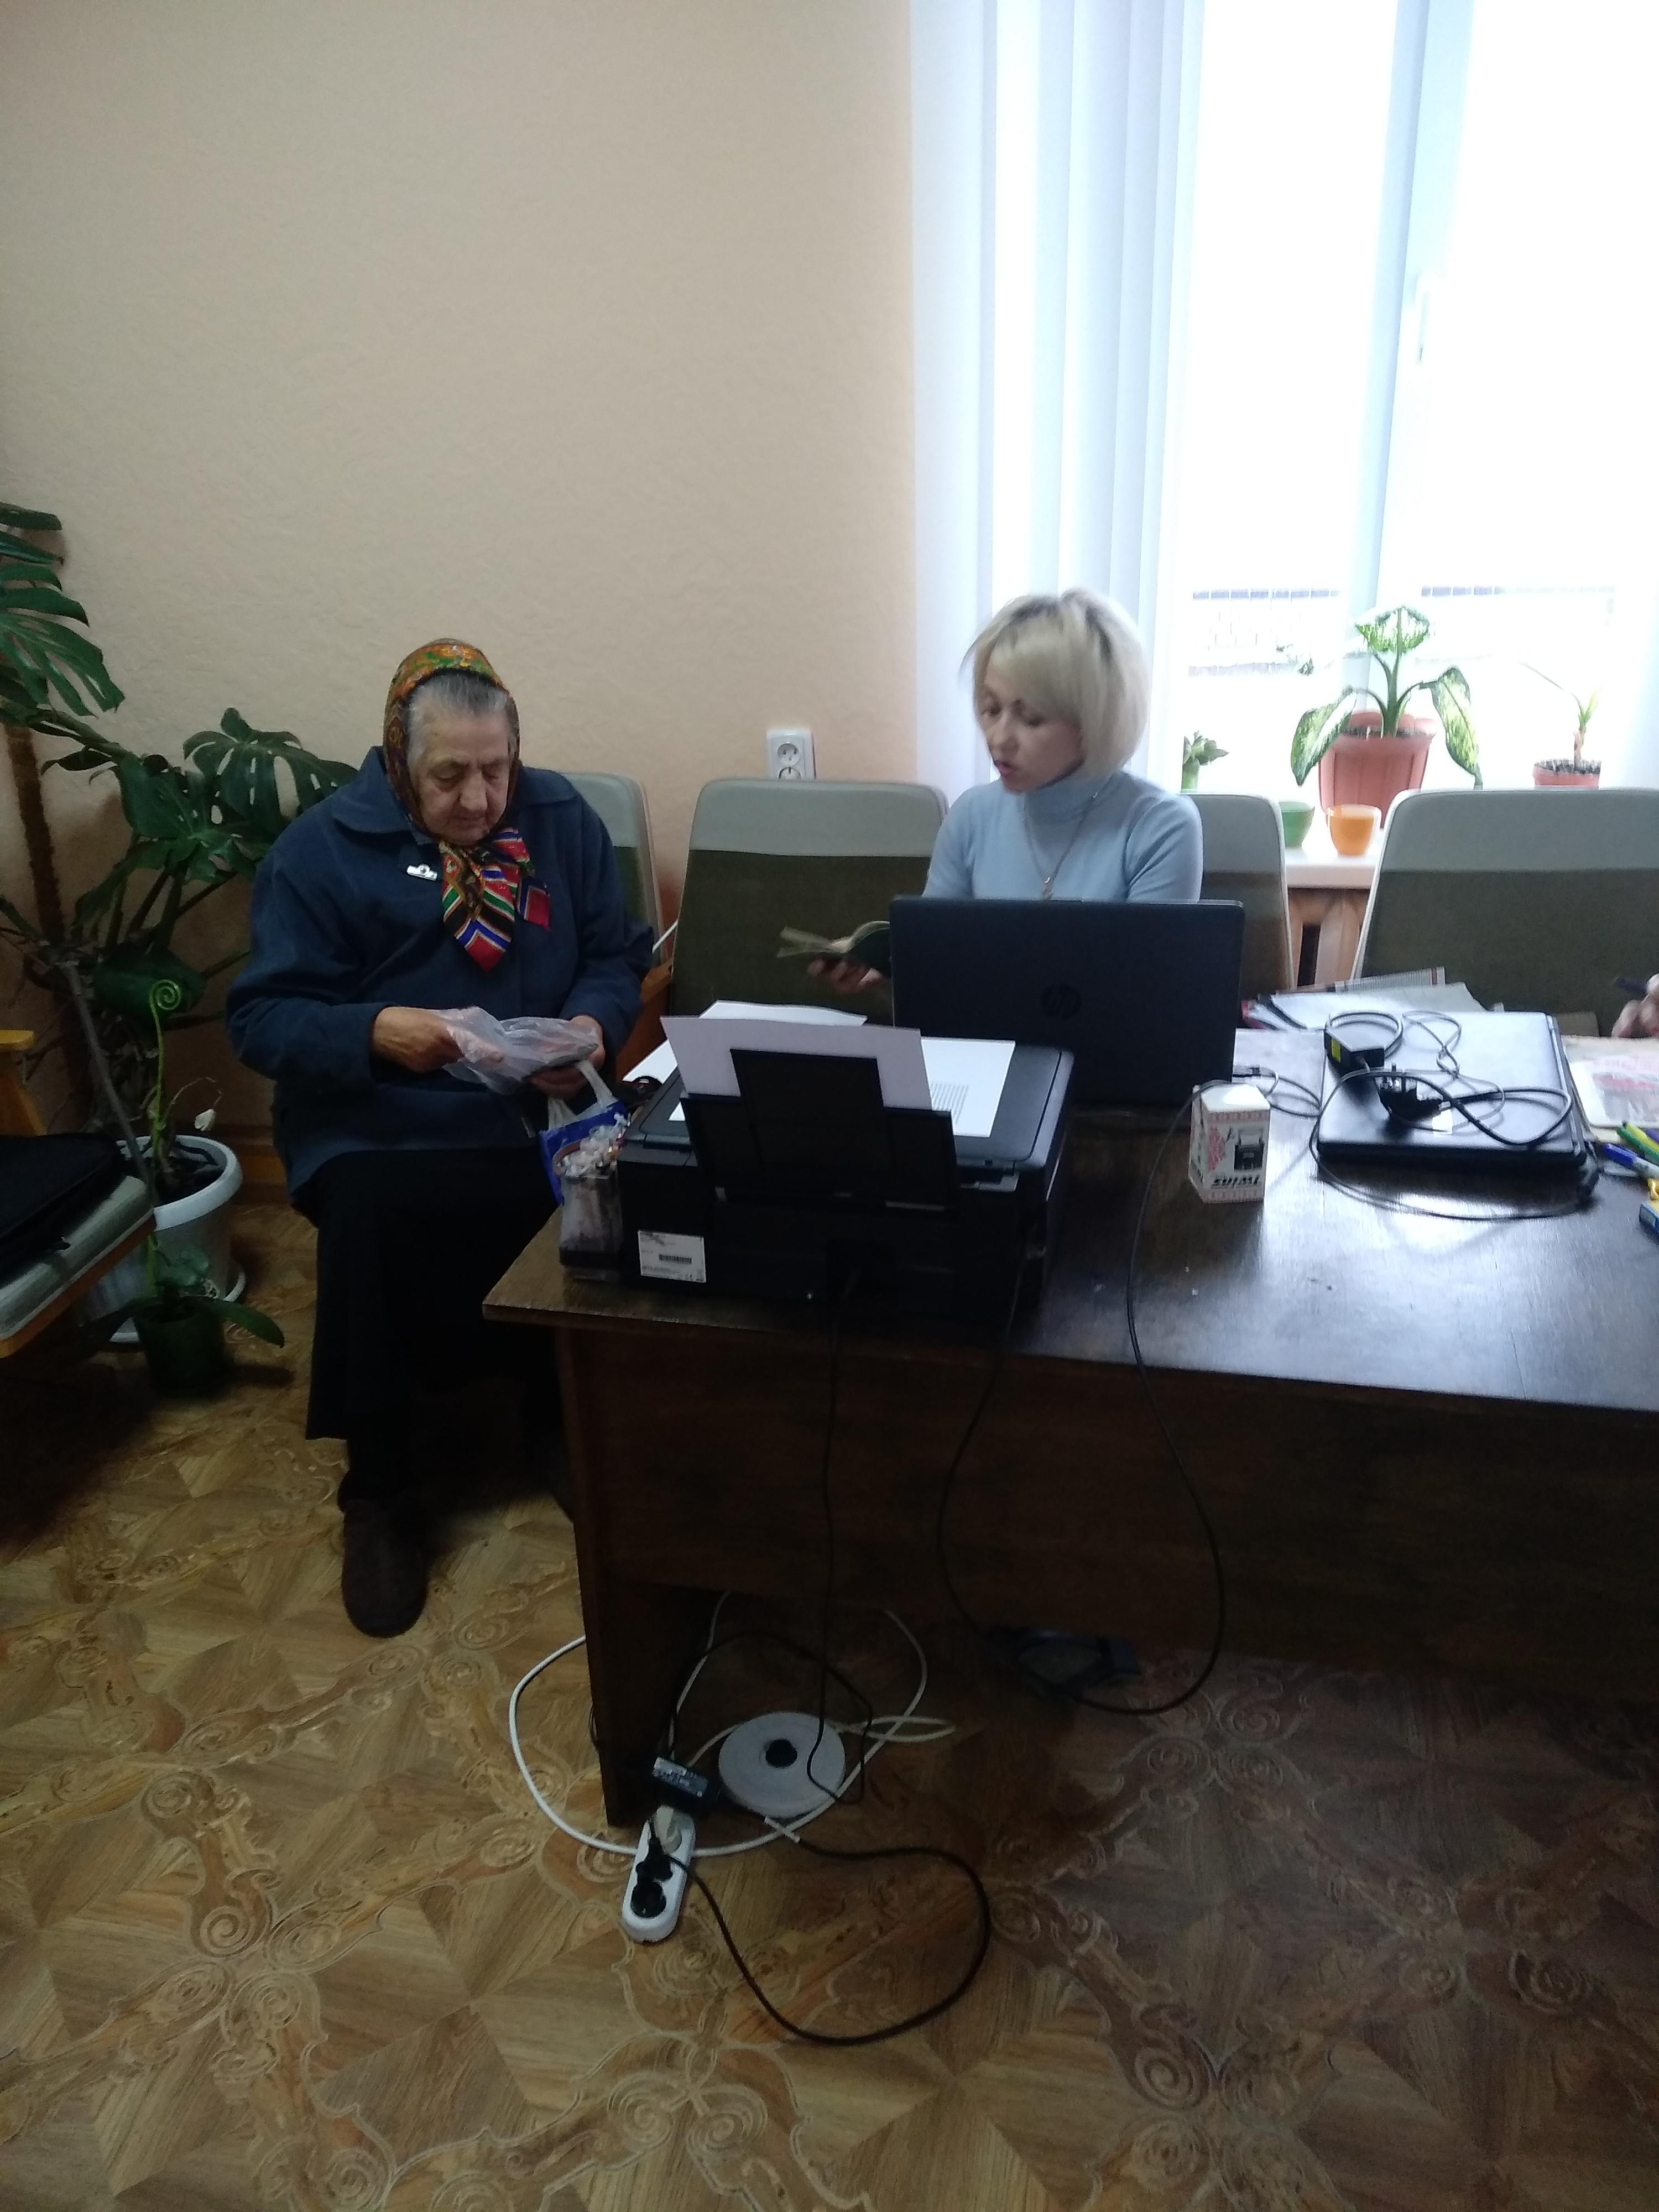 IMG 20191111 094553 - Тривають роз'яснення пенсійного законодавства мешканцям краю